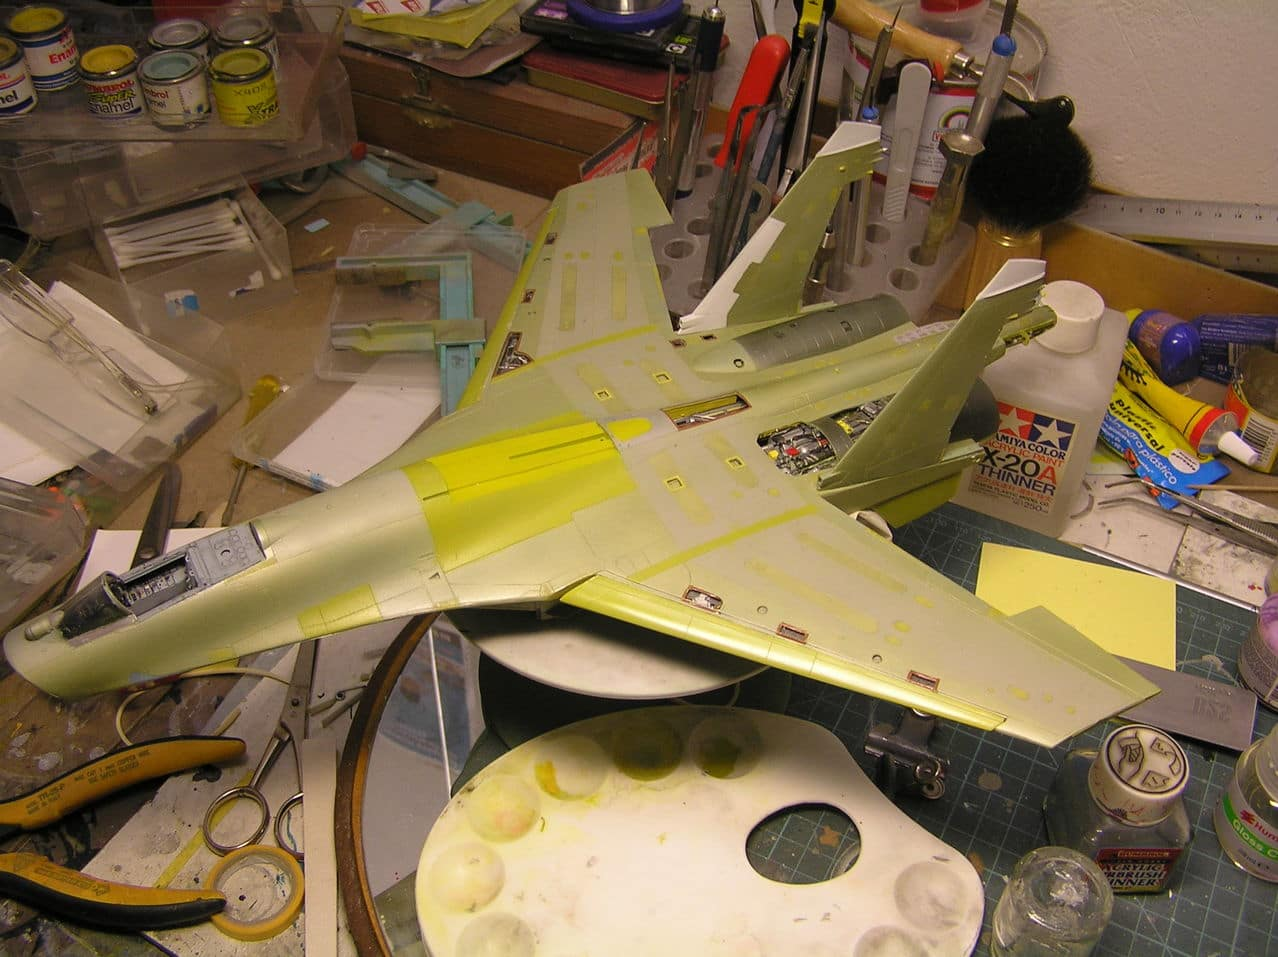 ...καπως ετσι αρχισαν ολα...Su-27  και τα μυαλα στα καγκελα... - Σελίδα 3 P1010186